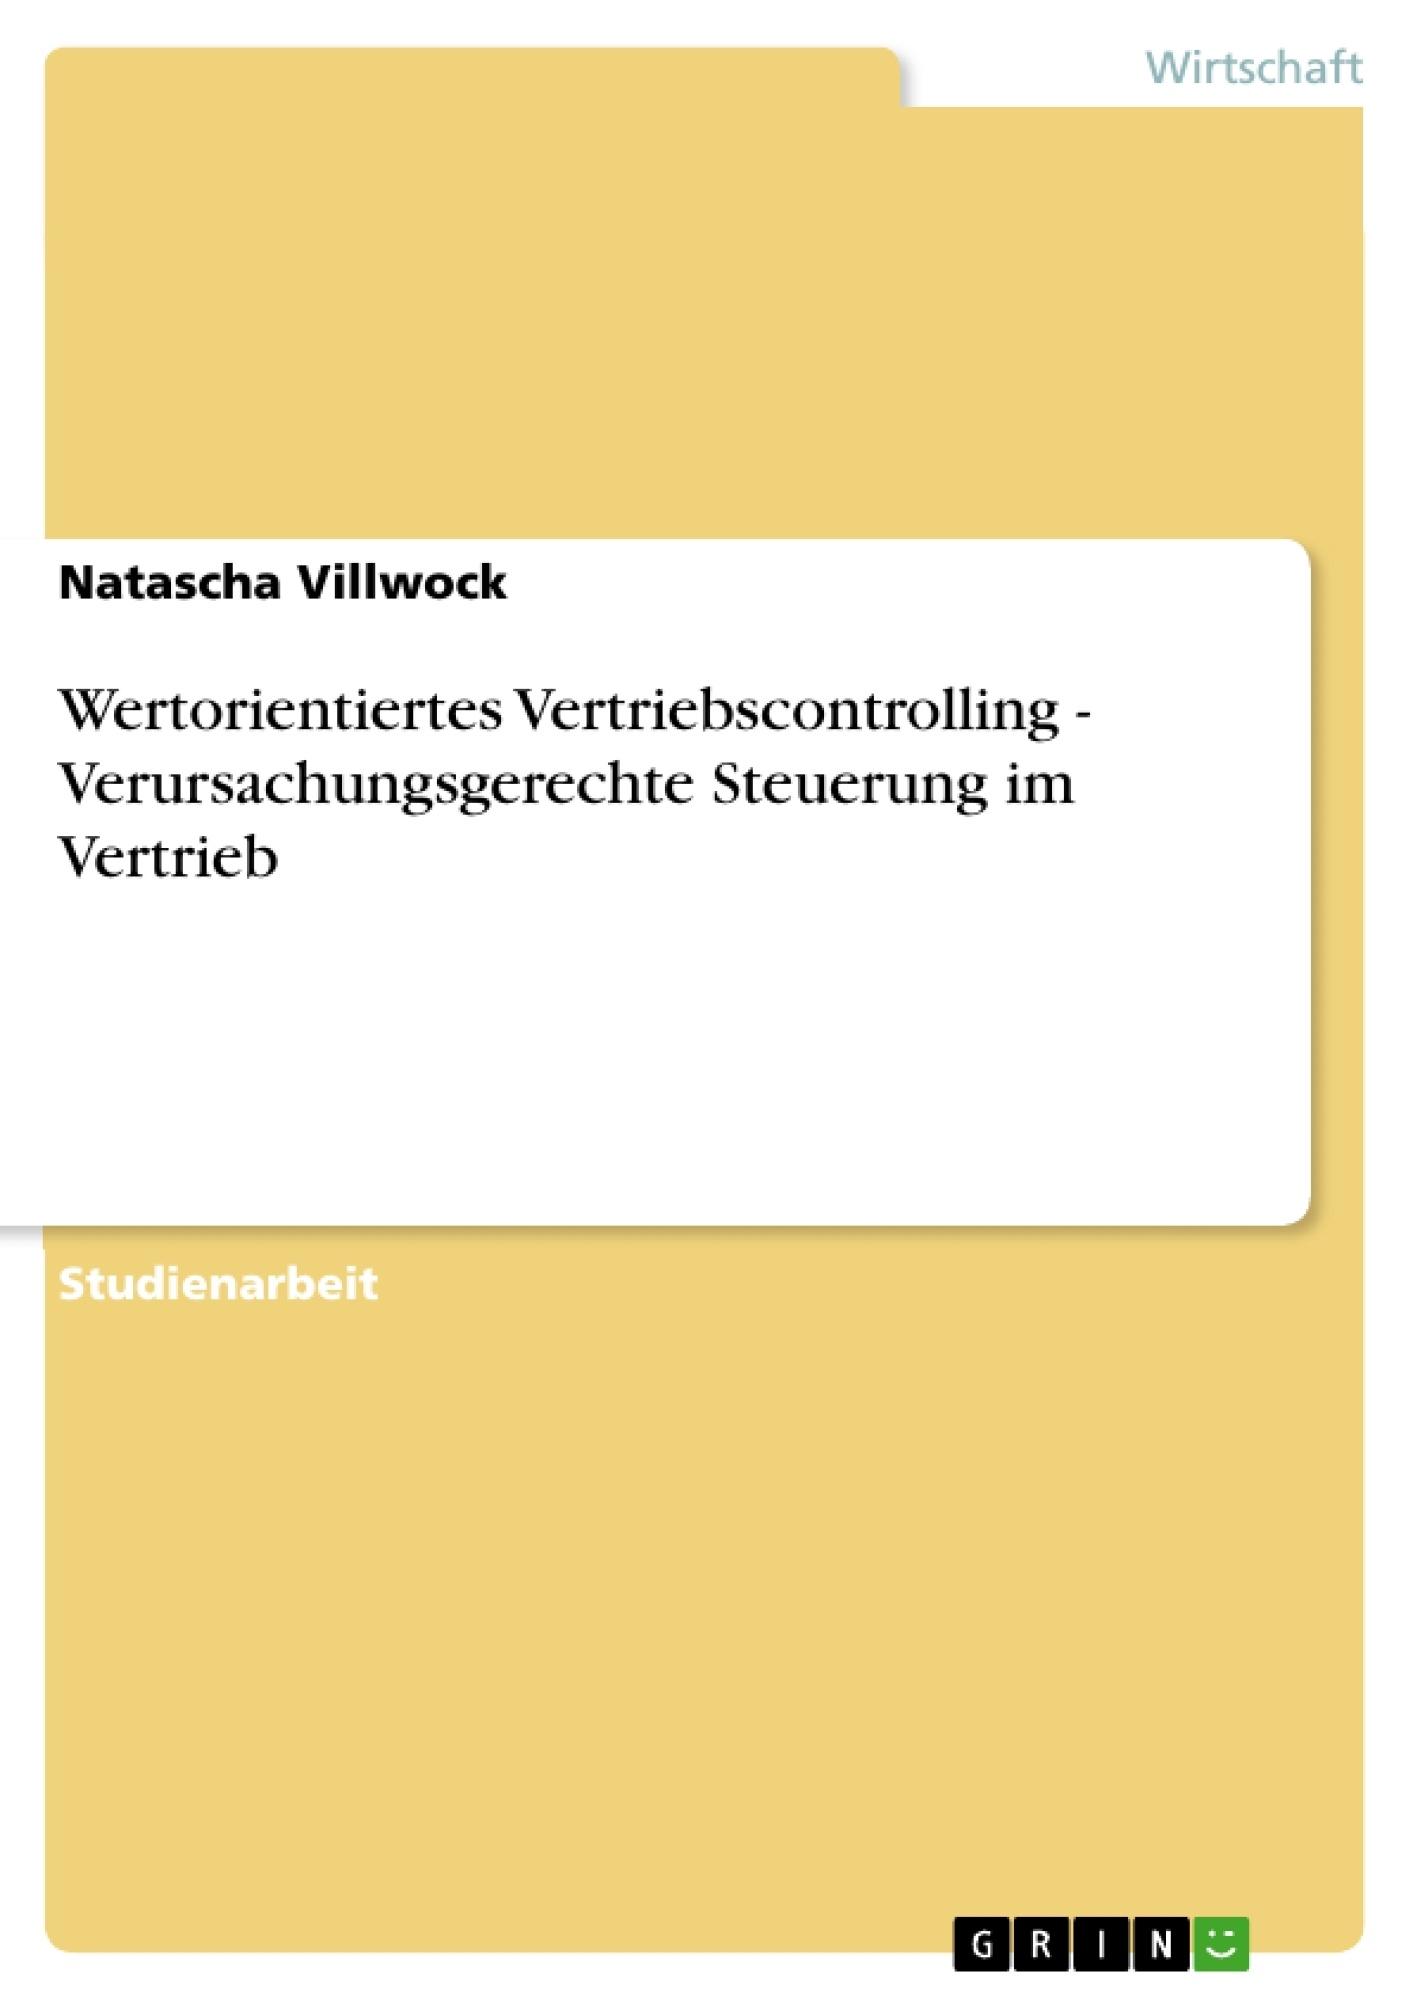 Titel: Wertorientiertes Vertriebscontrolling - Verursachungsgerechte Steuerung im Vertrieb